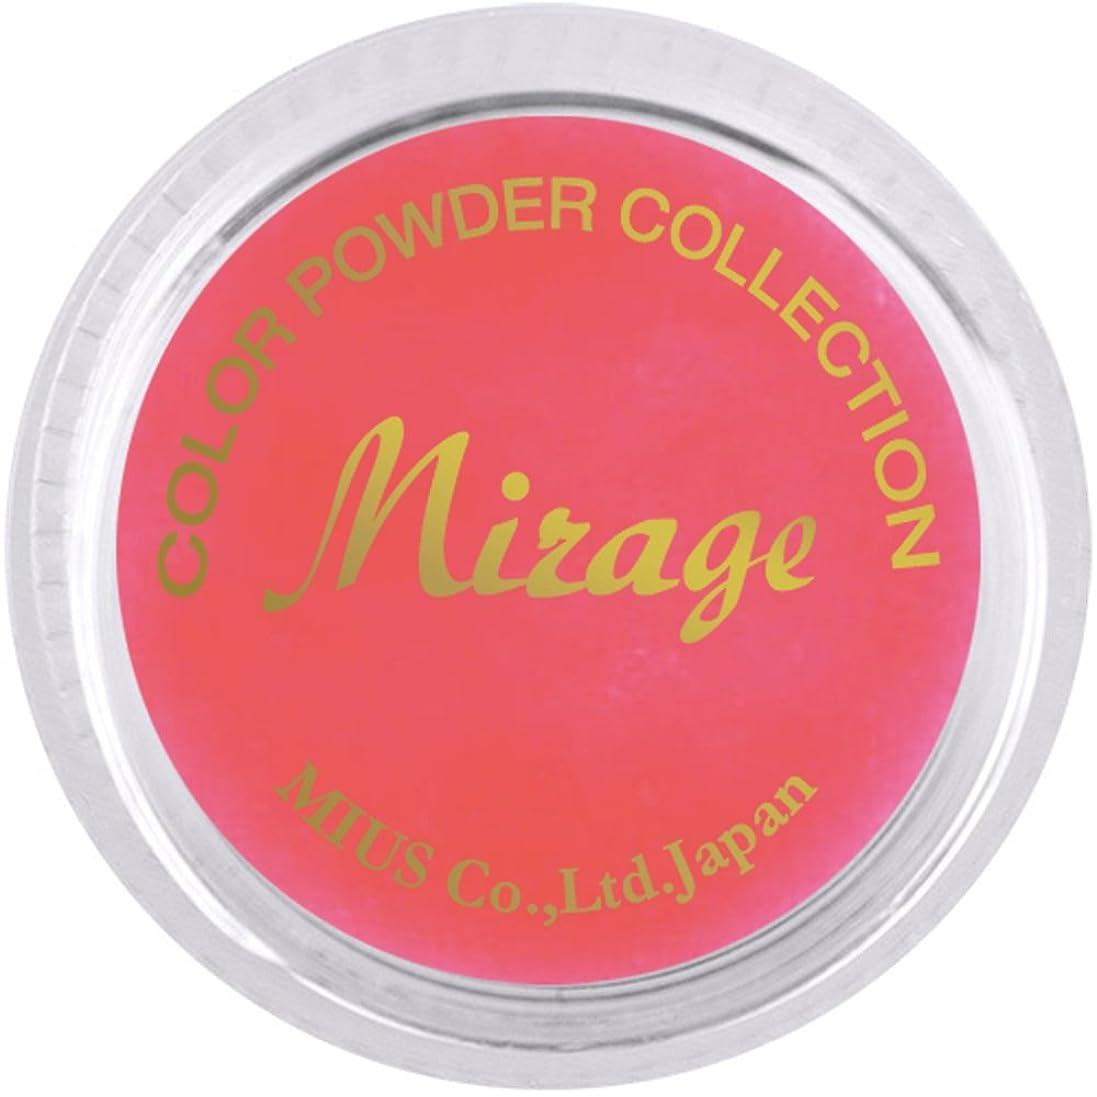 魅力的であることへのアピール決定する廃止するミラージュ カラーパウダー N/CPS-7  7g  アクリルパウダー 色鮮やかな蛍光スタンダードカラー